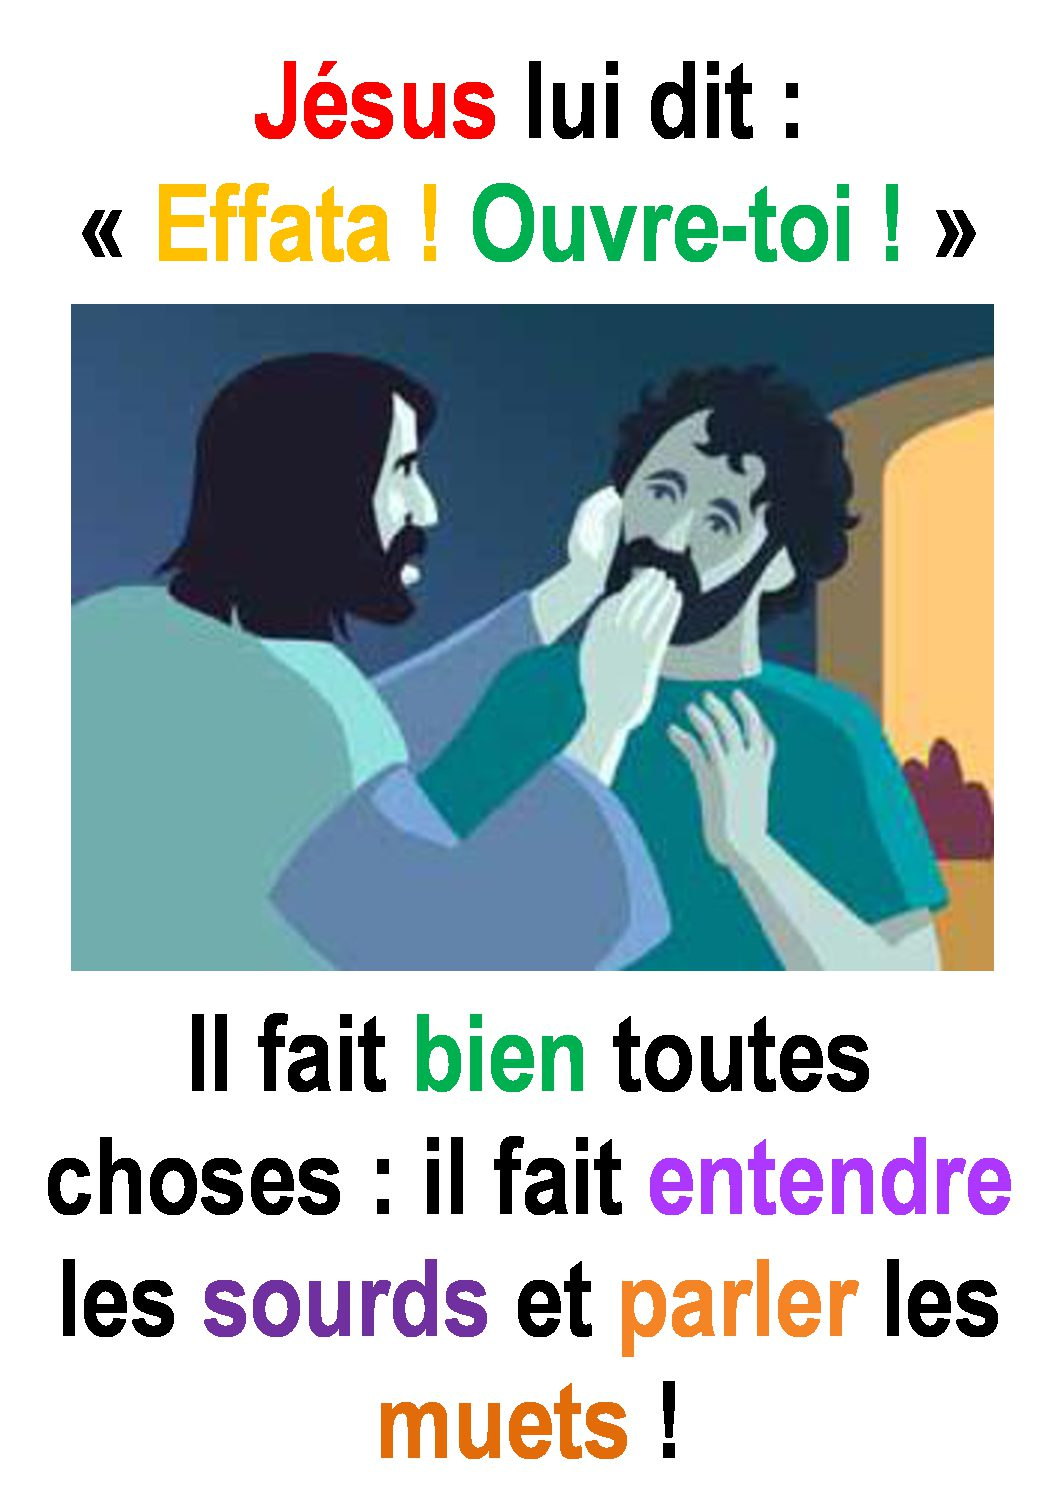 23ième Dimanche du Temps Ordinaire – par Francis COUSIN (Marc 7, 31-37)